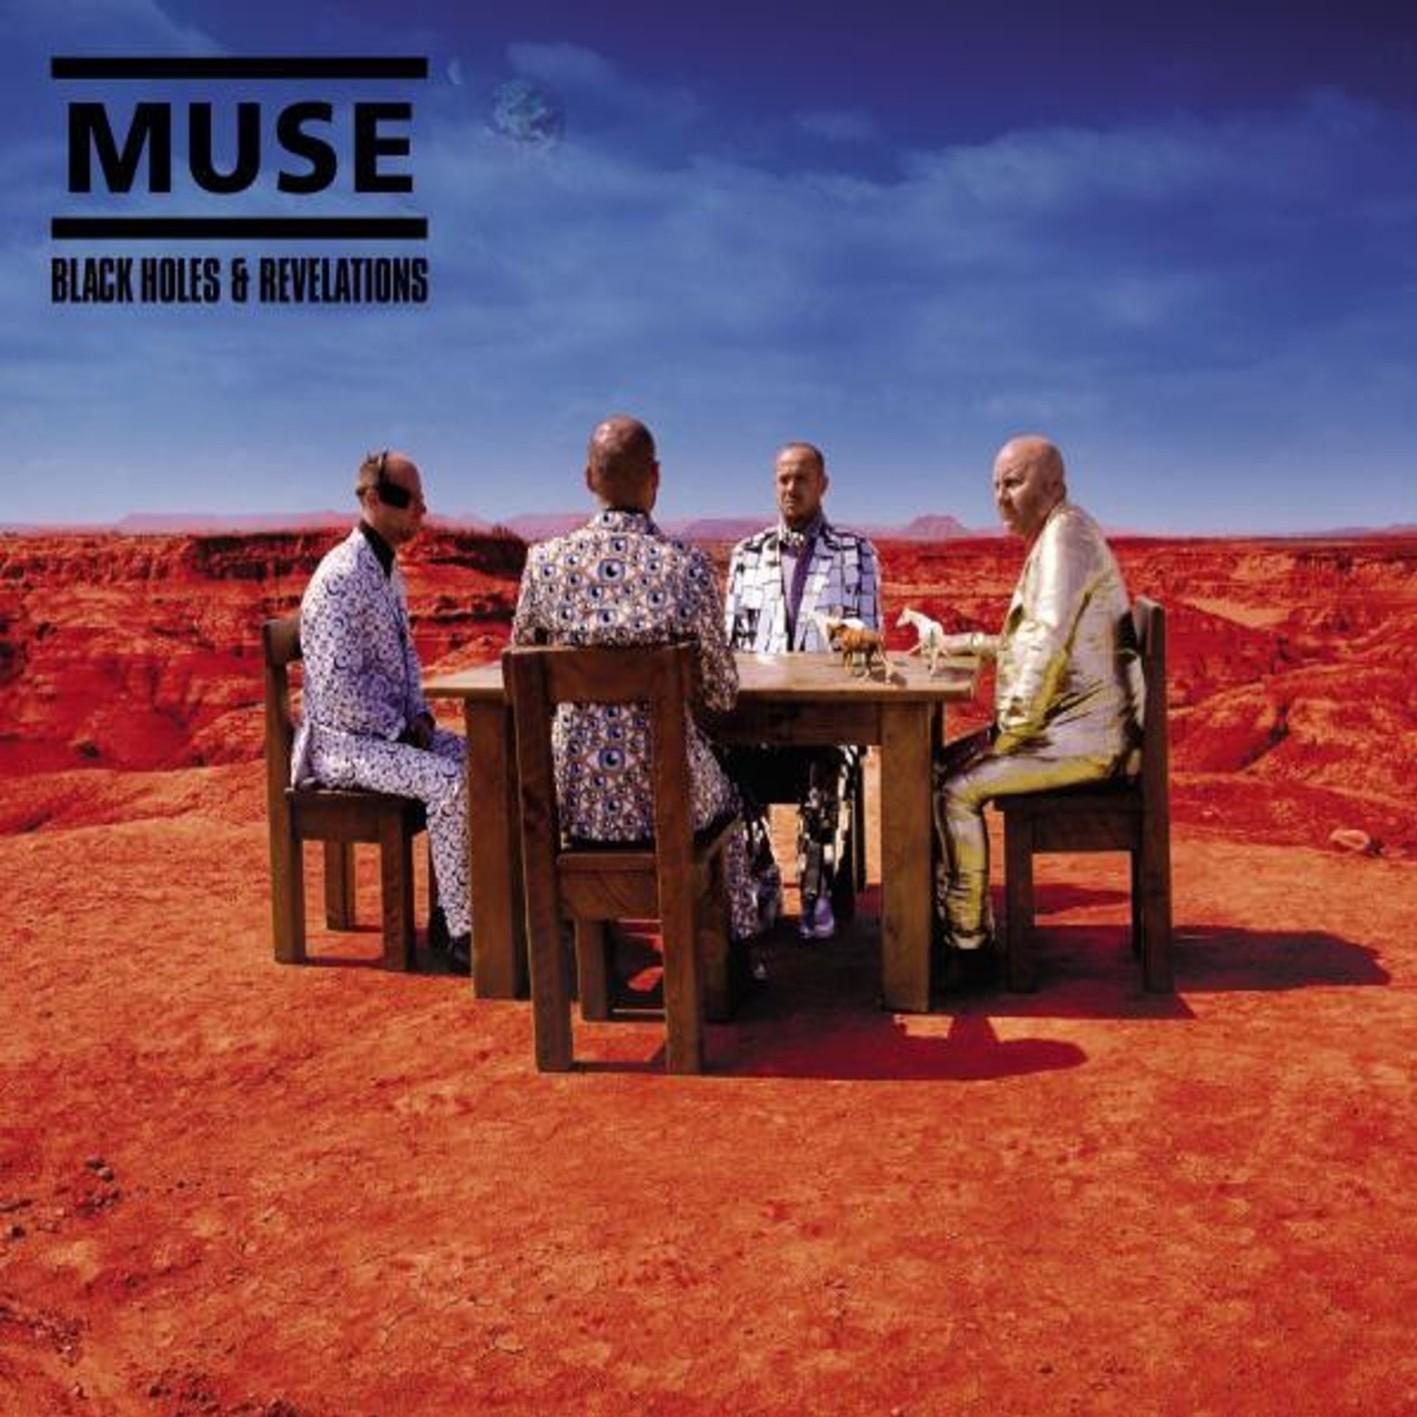 Muse-Supermassive Black Hole lyrics - YouTube